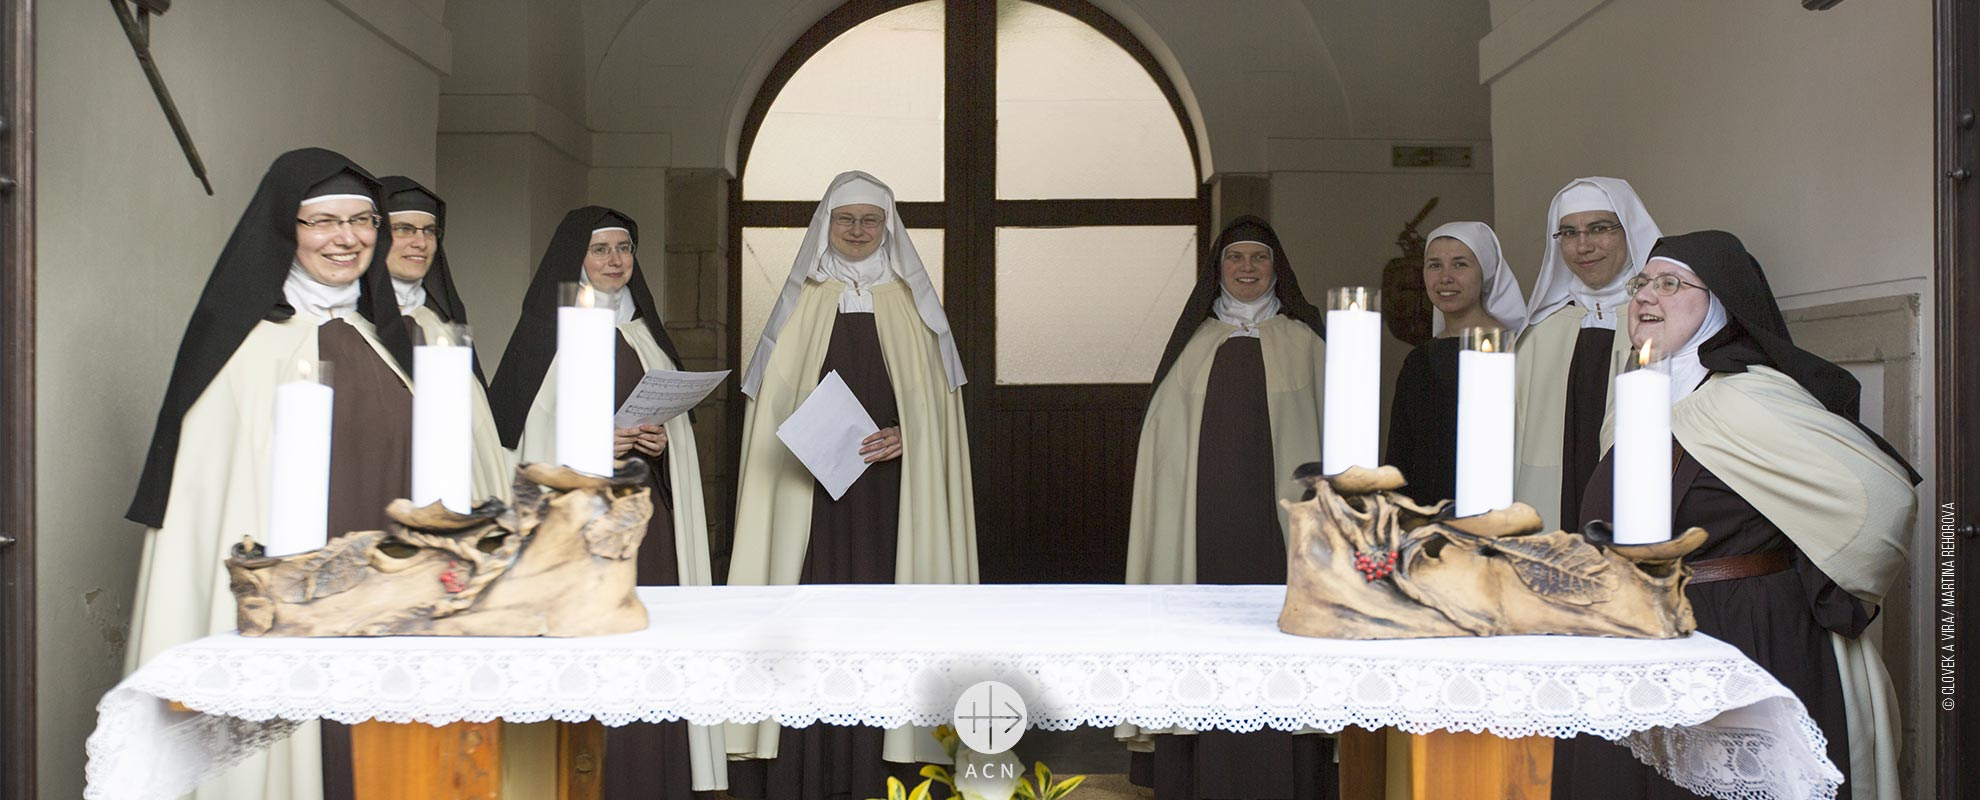 Tschechische Republik: Existenzhilfe für die Karmelitinnen in Prag